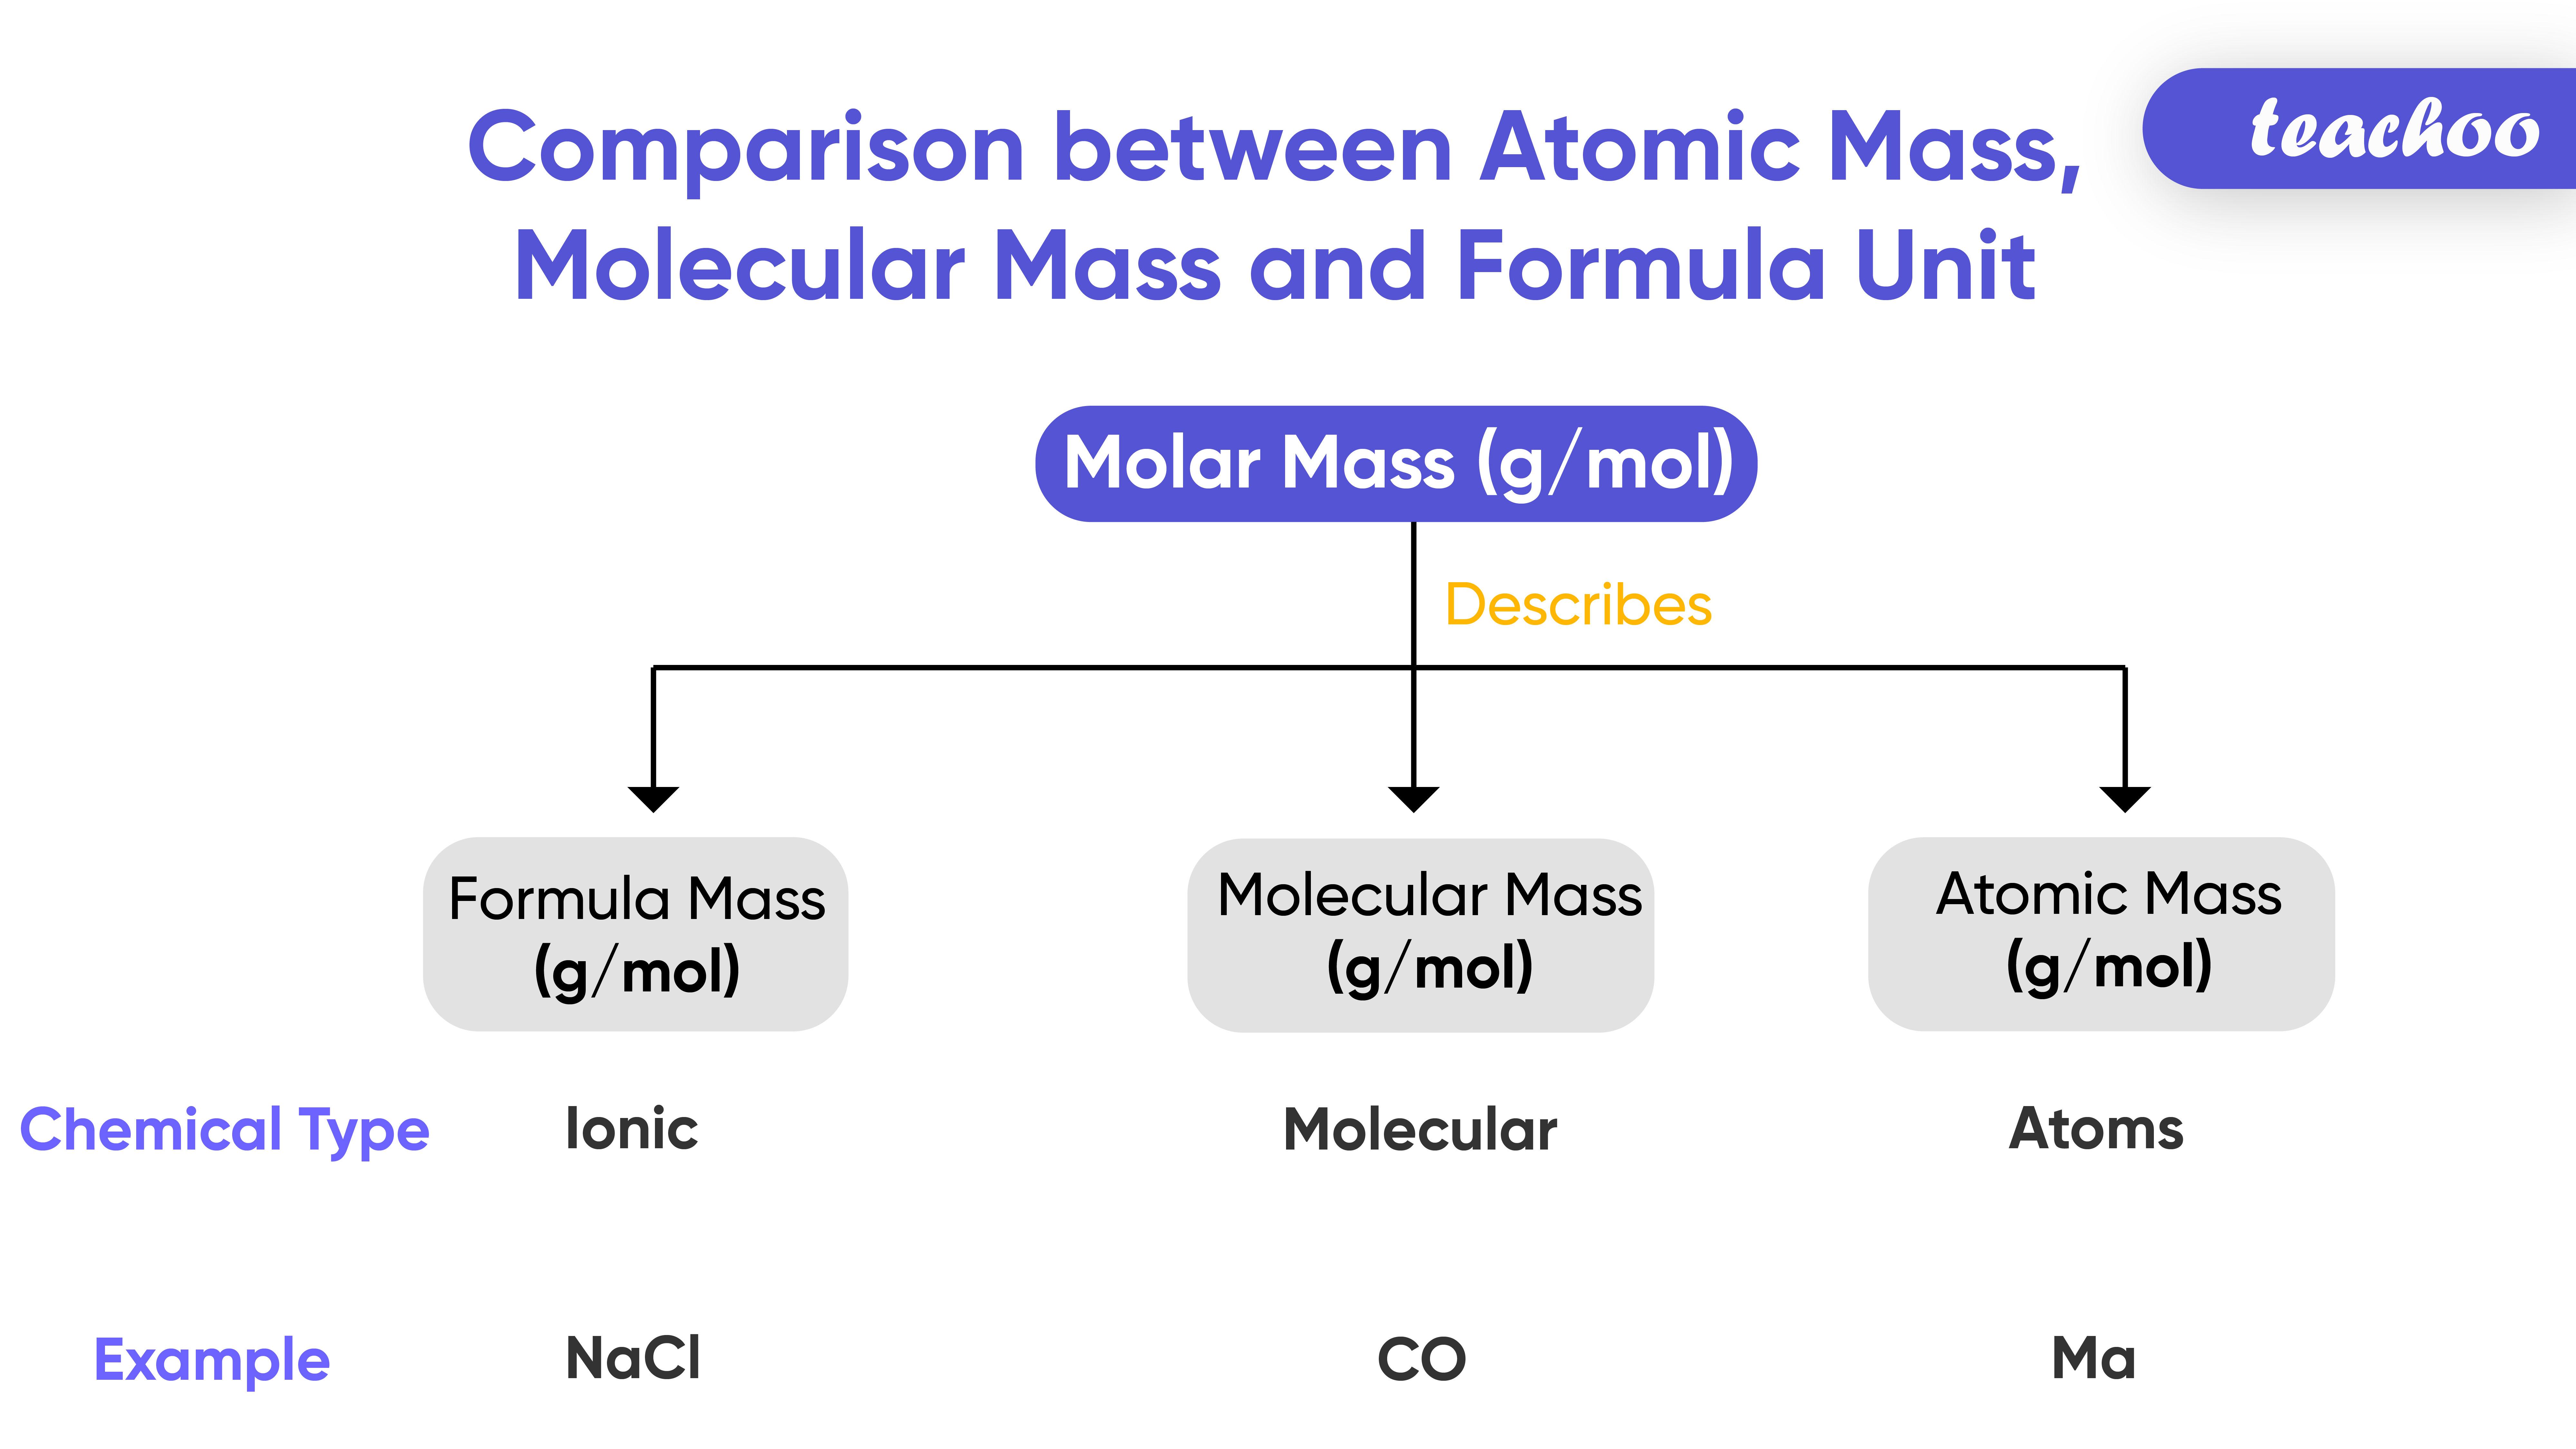 Comparison between Atomic Mass, Molecular Mass and Formula Unit Mass-01.jpg